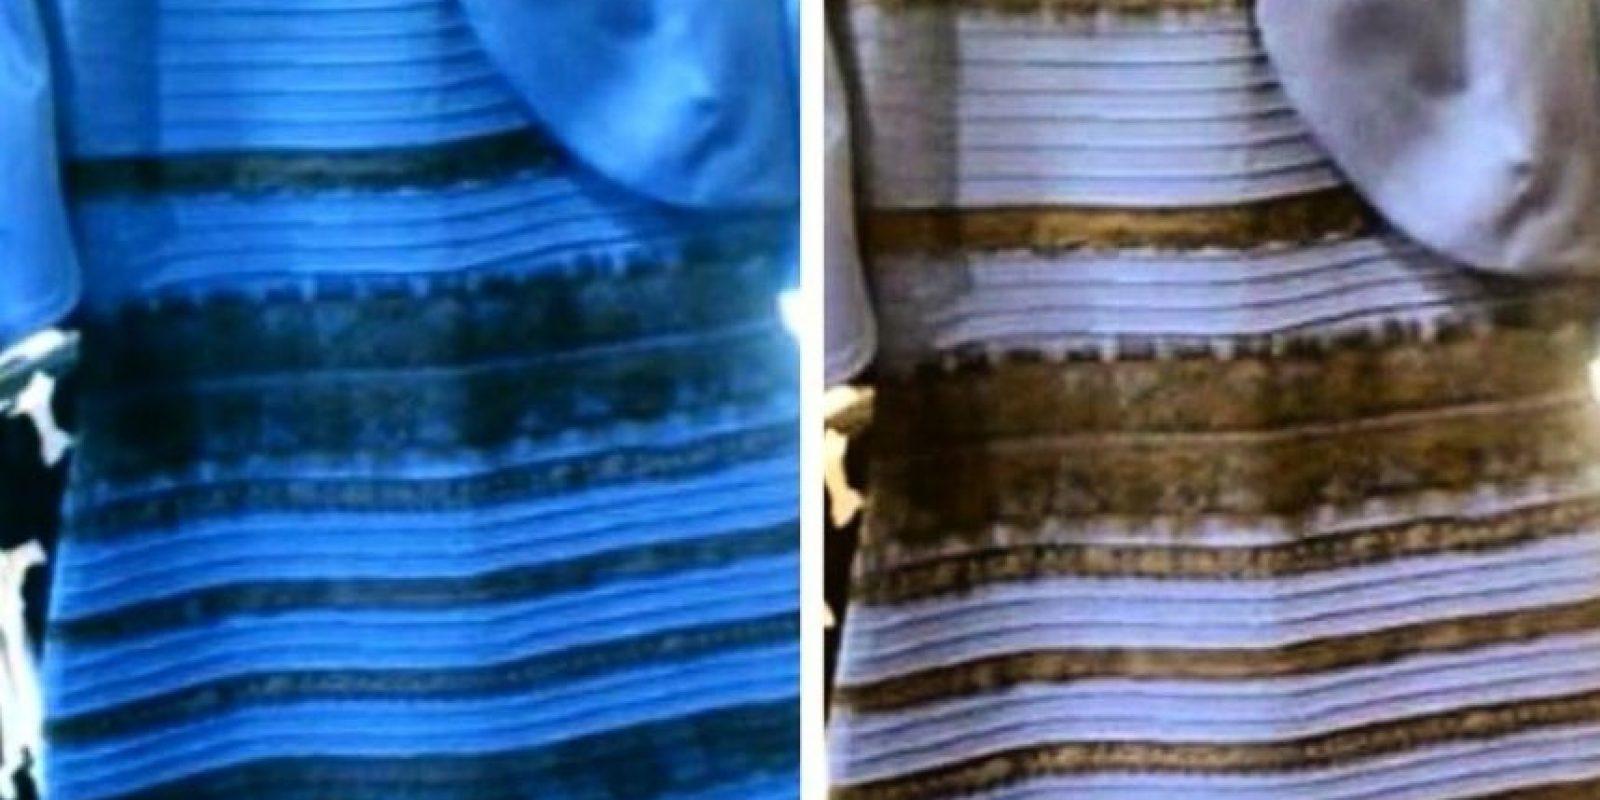 Ya se sabe cuál es el color de este vestido. Foto:Tumblr